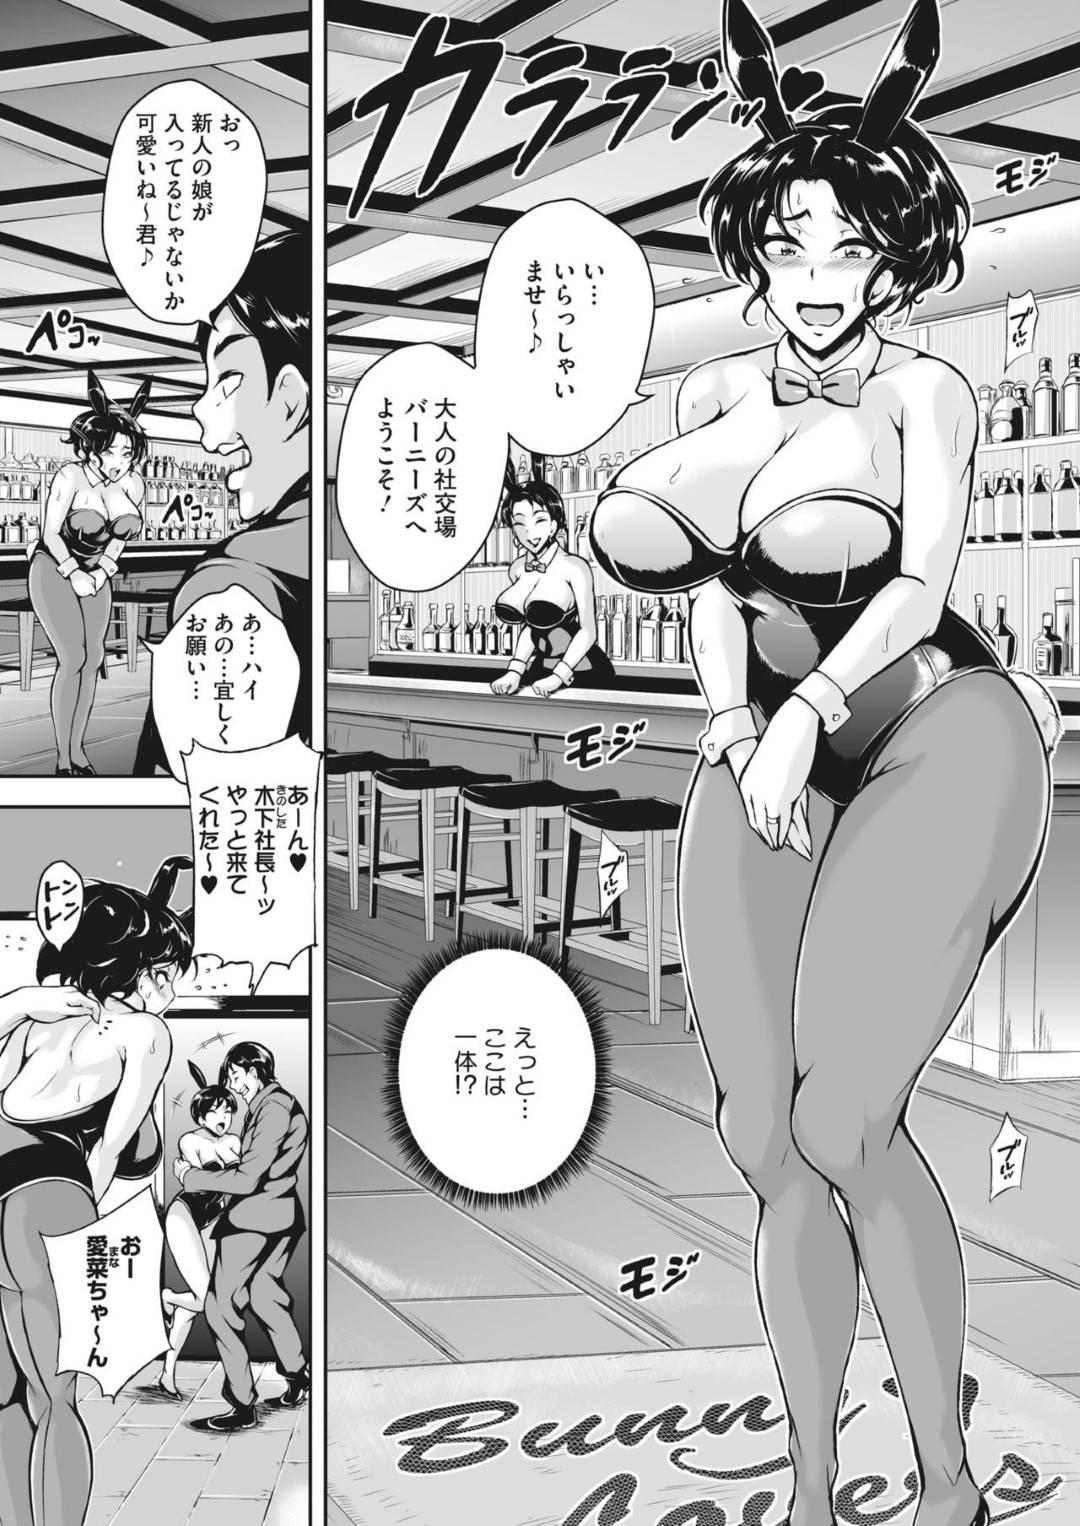 エロコスチュームで性奉仕をすることになる人妻…レイプに乳首責めされちゃって3Pセックスで浮気しちゃう!【ビッチ☆ゴイゴスター:ママの性行体験♡】